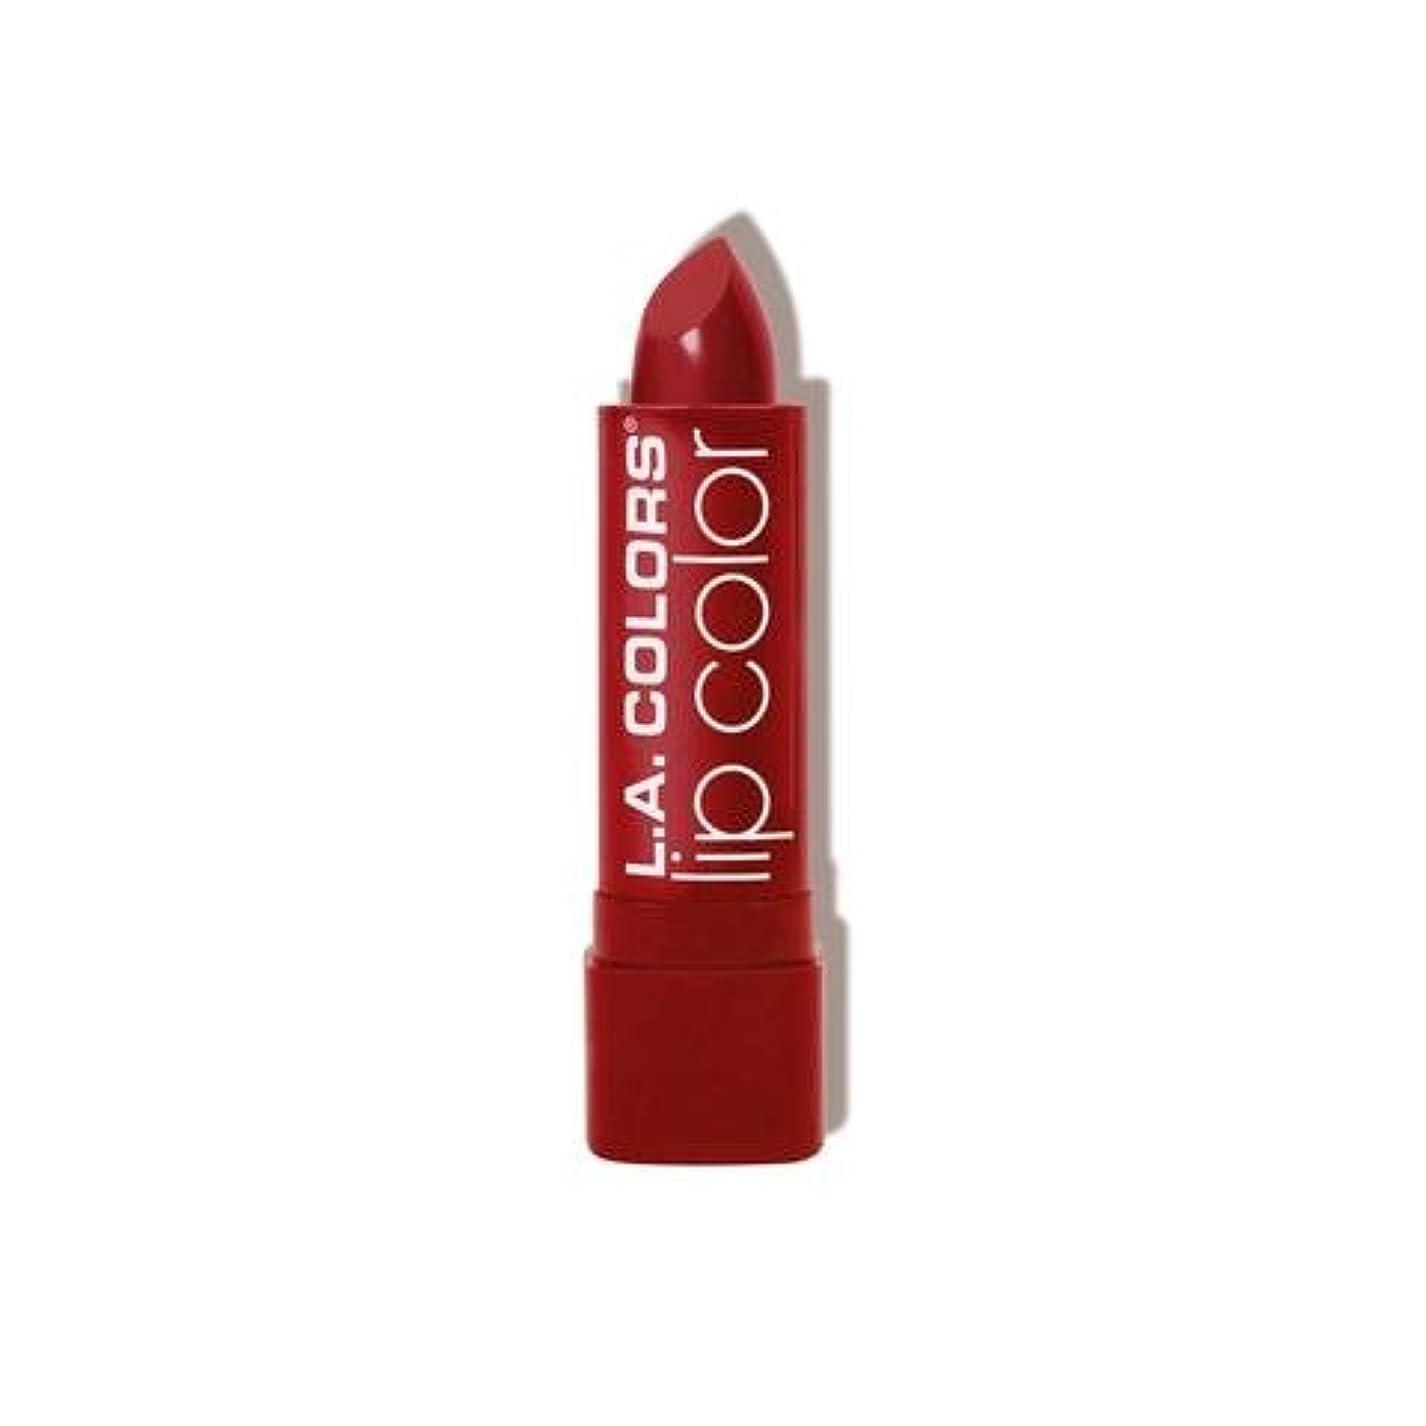 行き当たりばったり損失コミット(3 Pack) L.A. COLORS Moisture Rich Lip Color - Berry Red (並行輸入品)